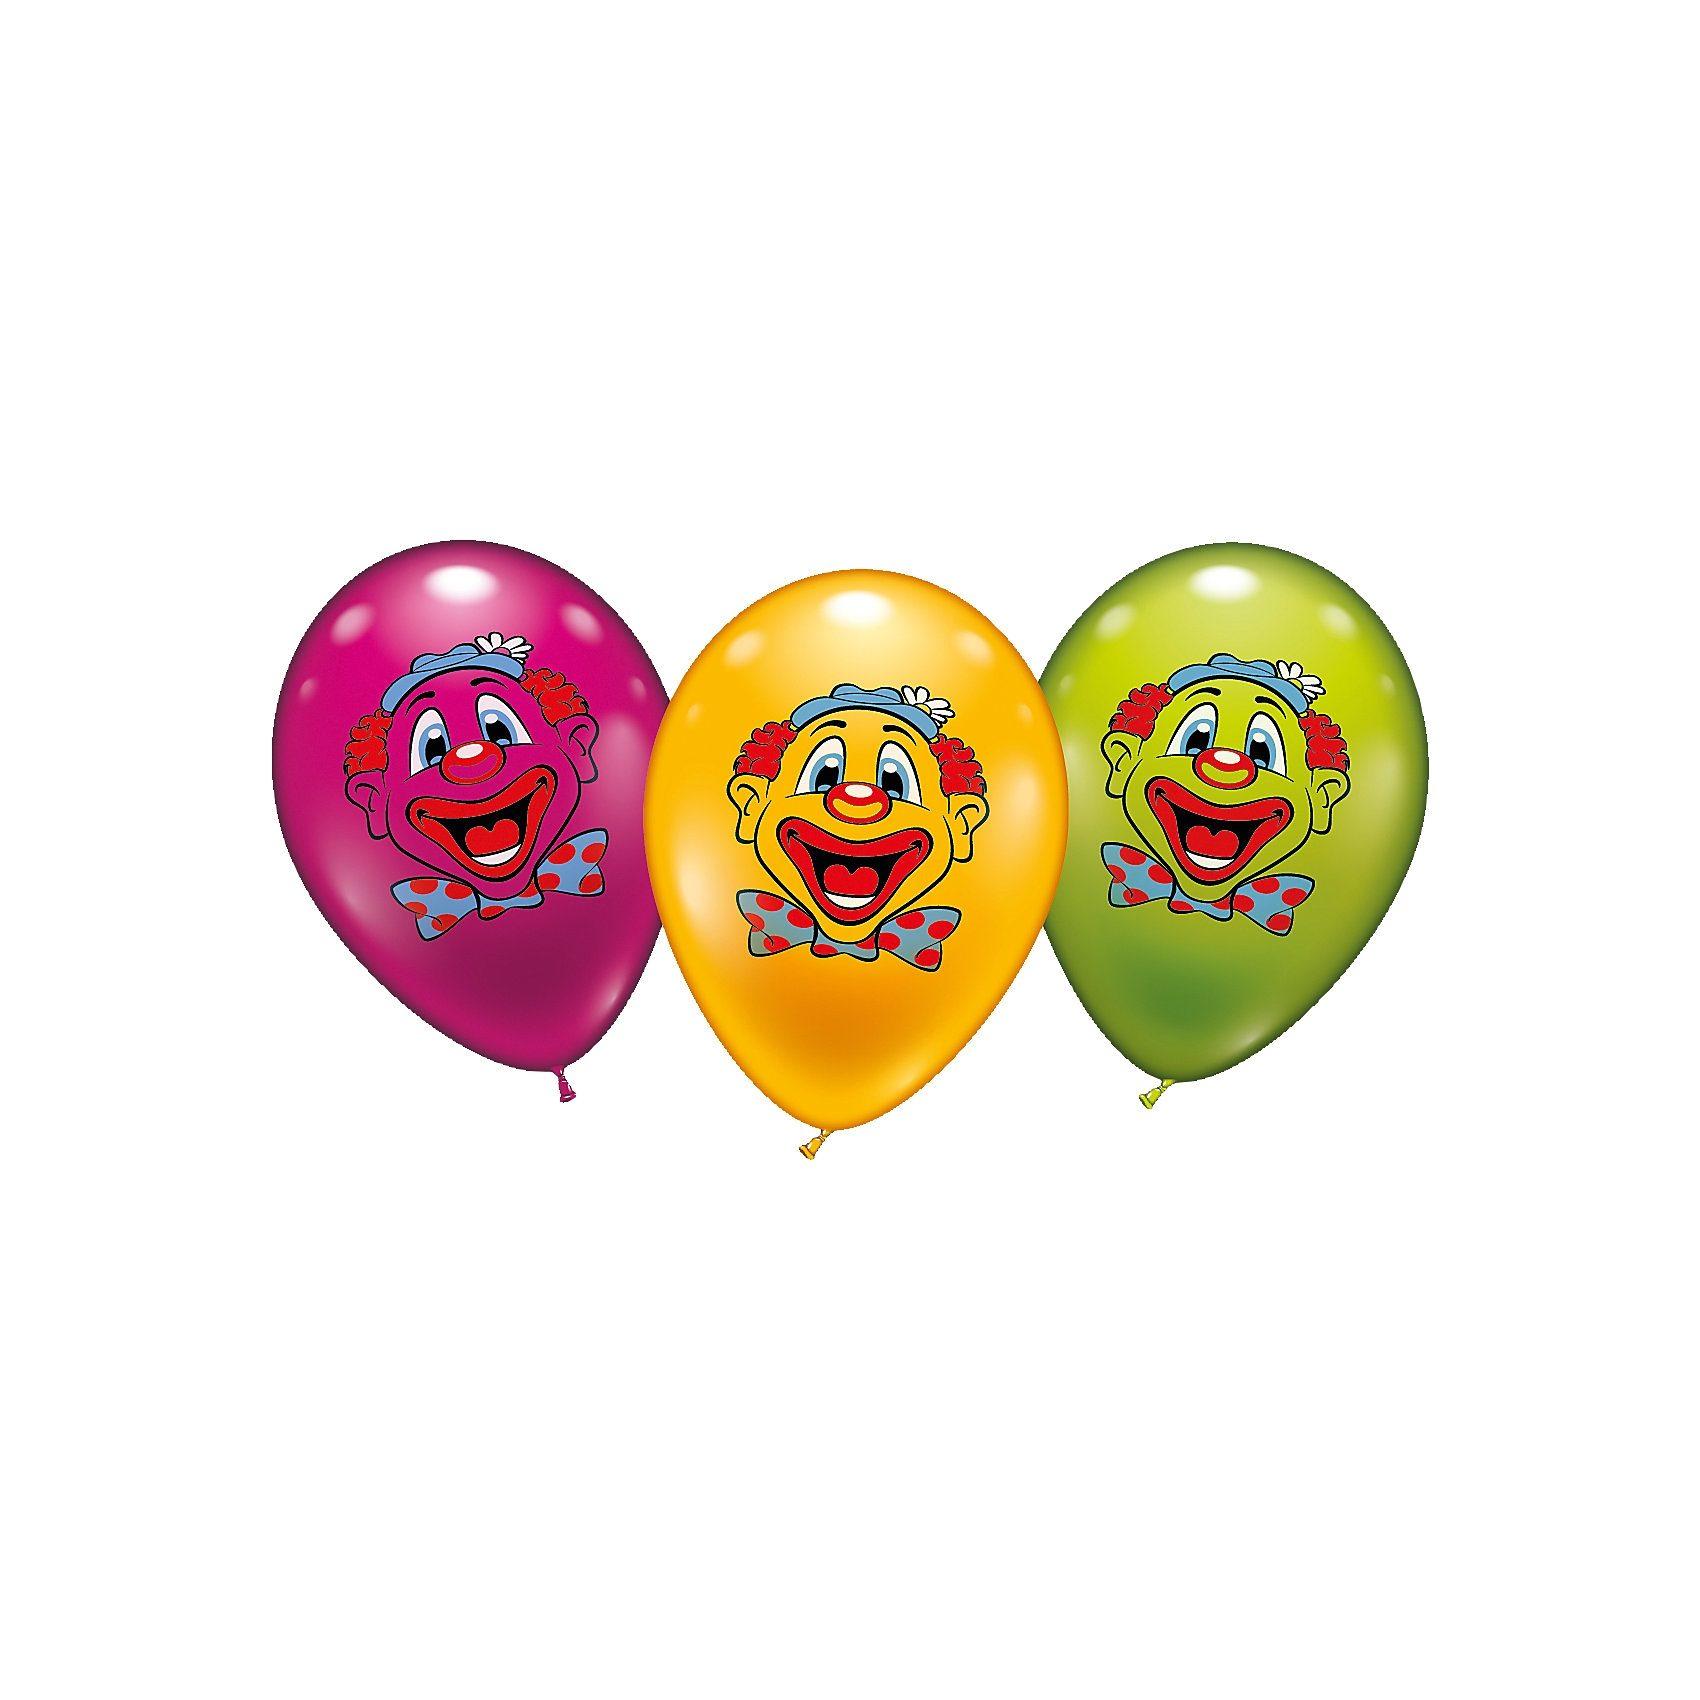 Karaloon Luftbballons Clown, 6 Stück